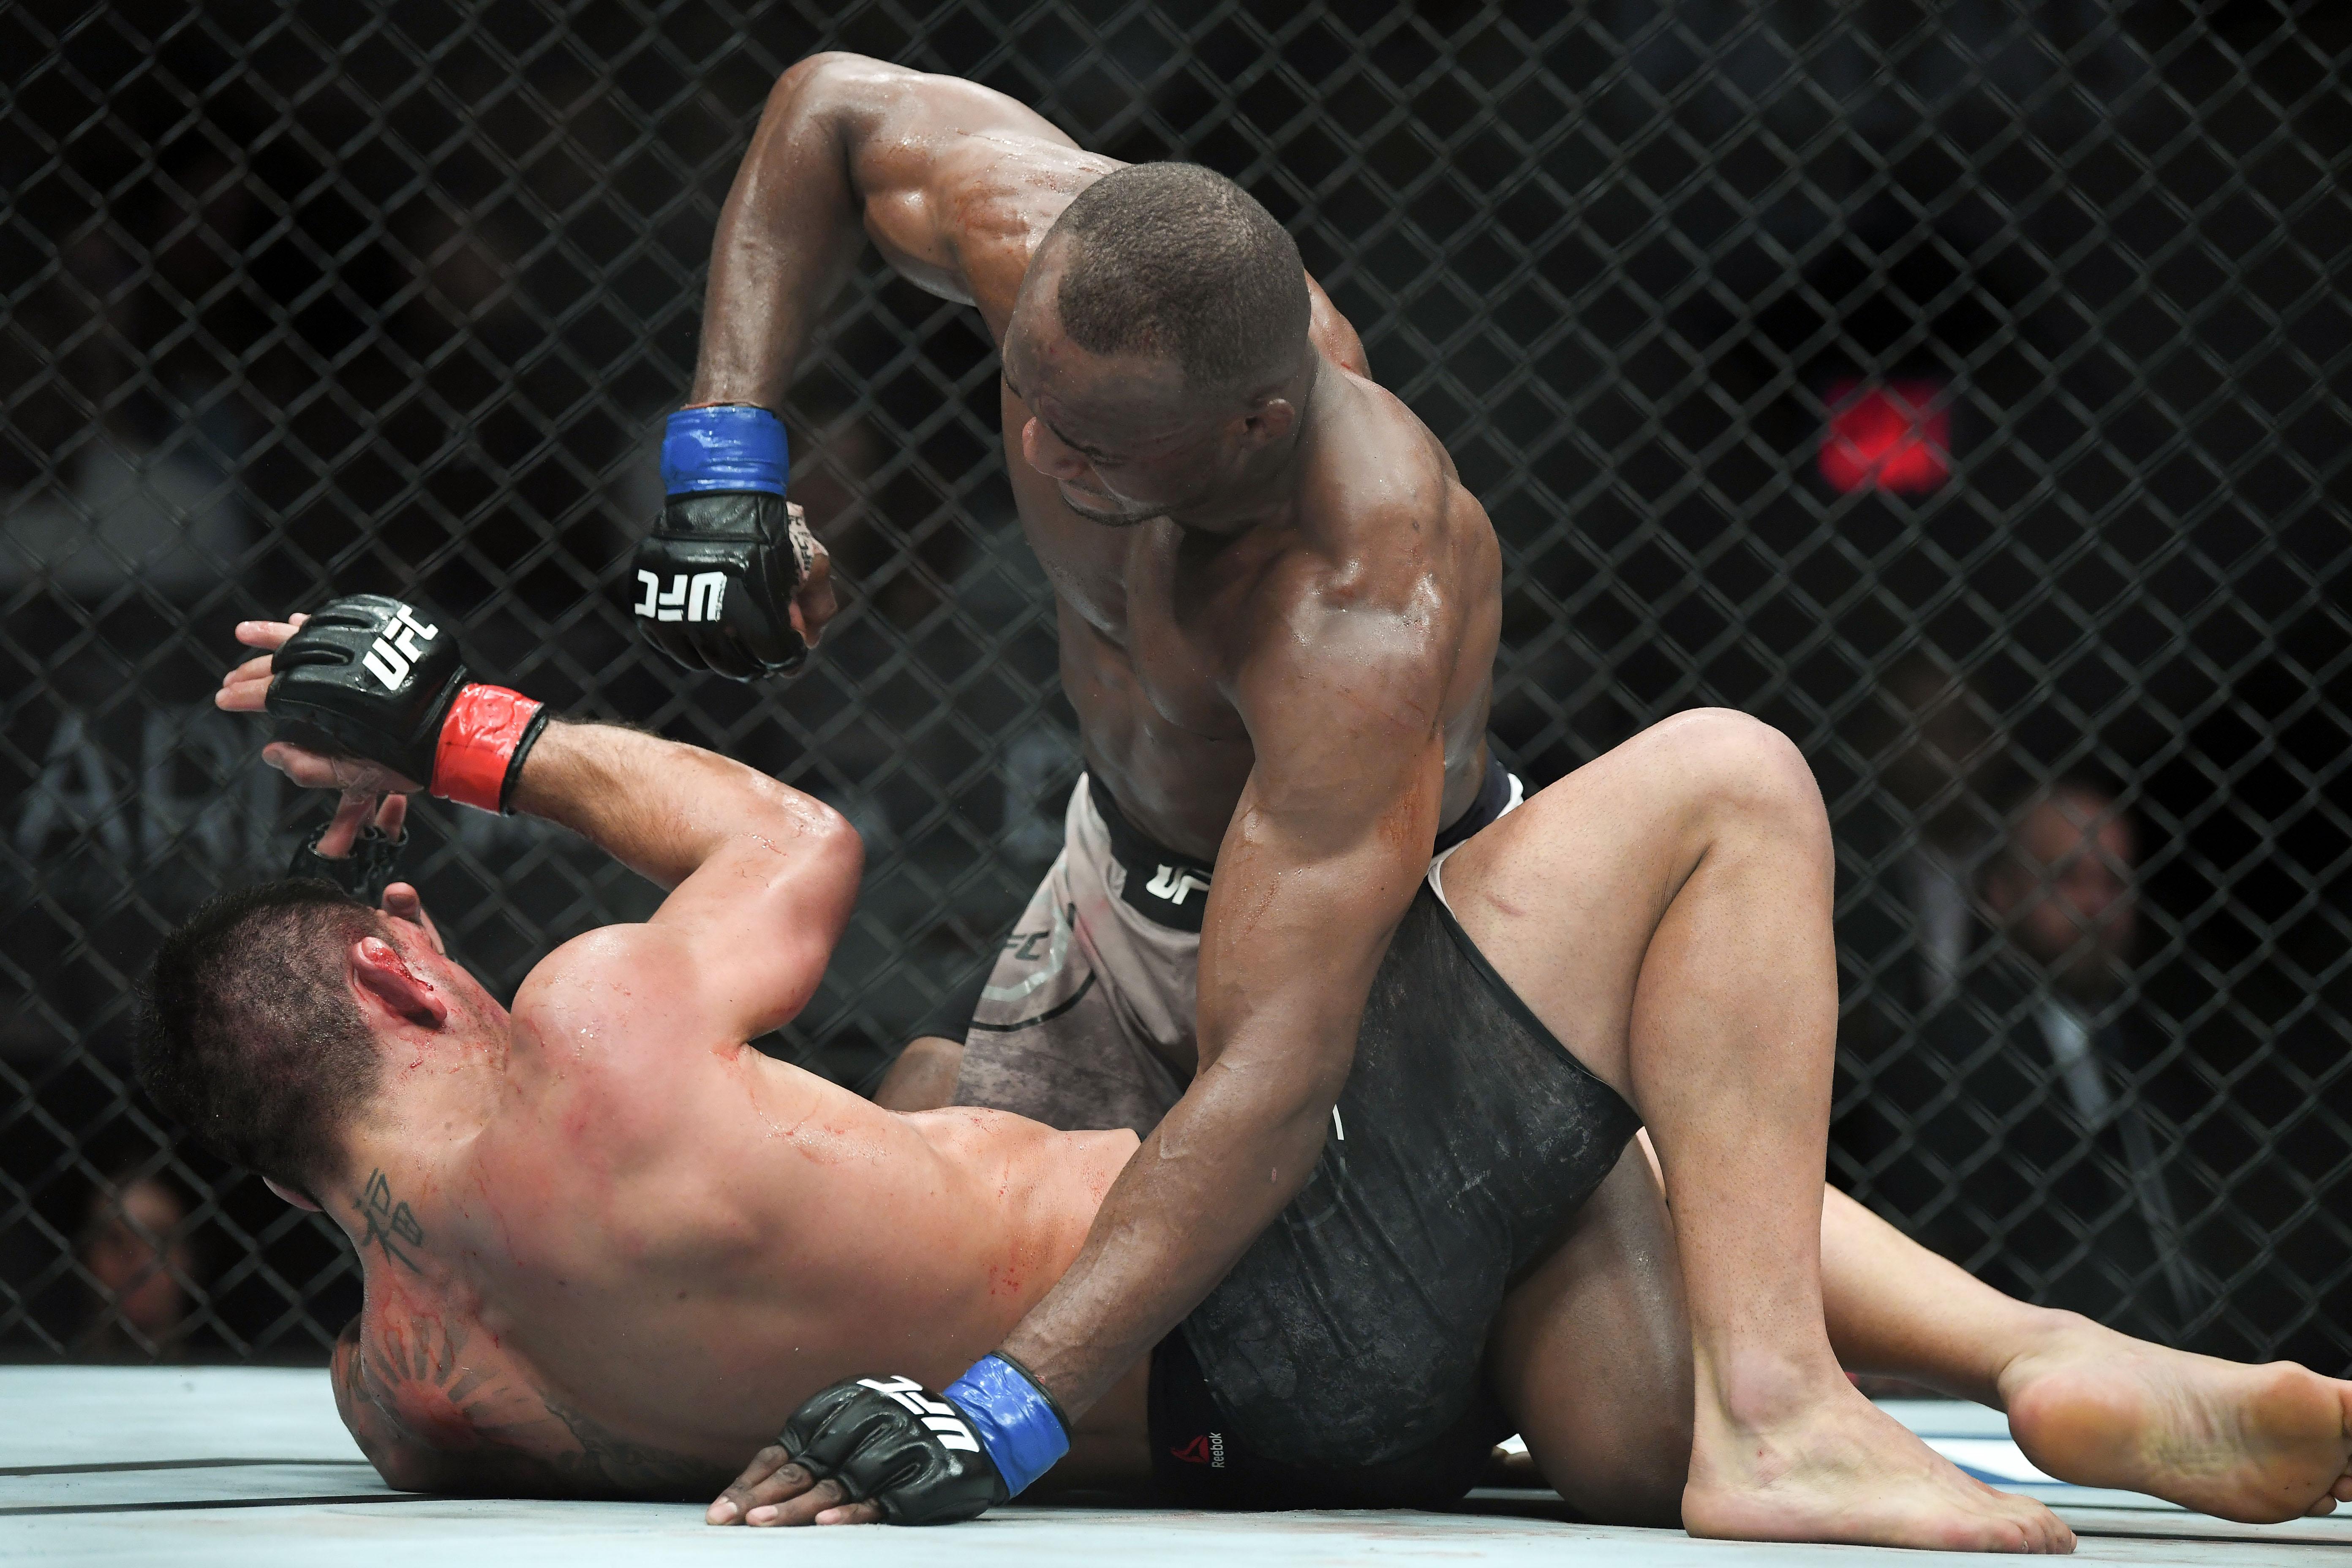 MMA: TUF Finale - Usman vs Dos Anjos